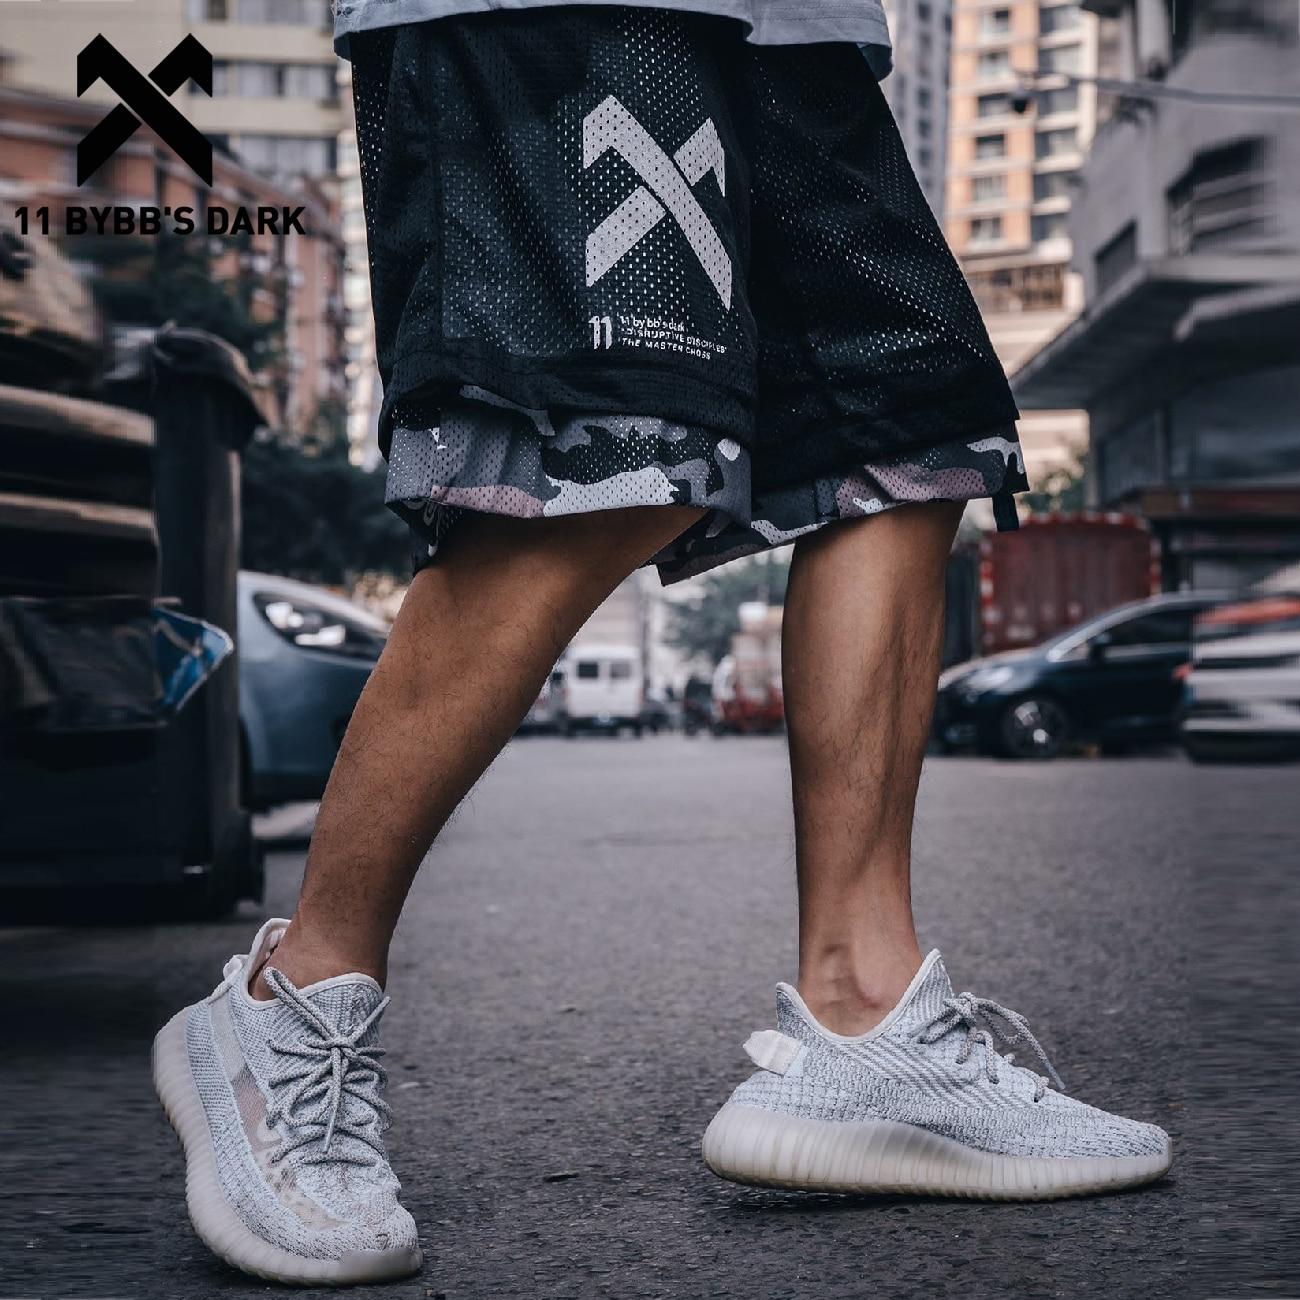 11 BYBB – short Cargo pour hommes, Streetwear réversible, Camouflage, jogging, longueur aux genoux, été 2020